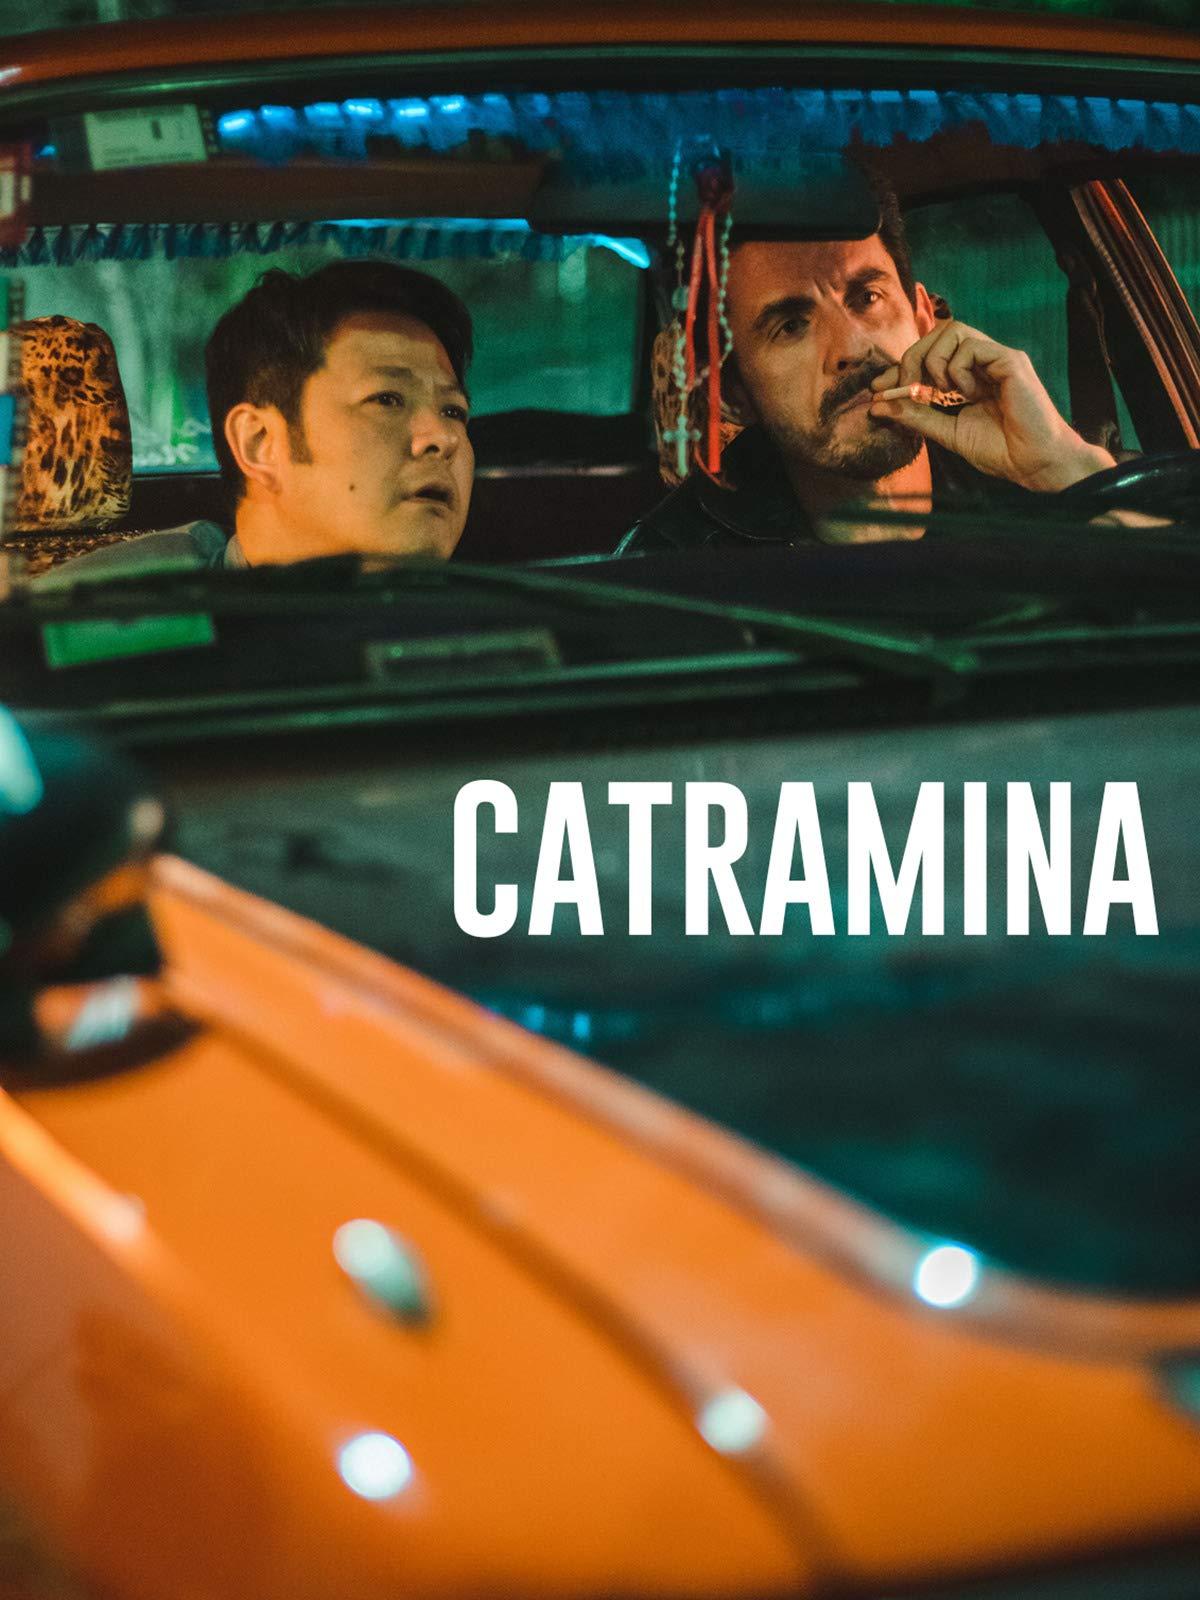 Catramina